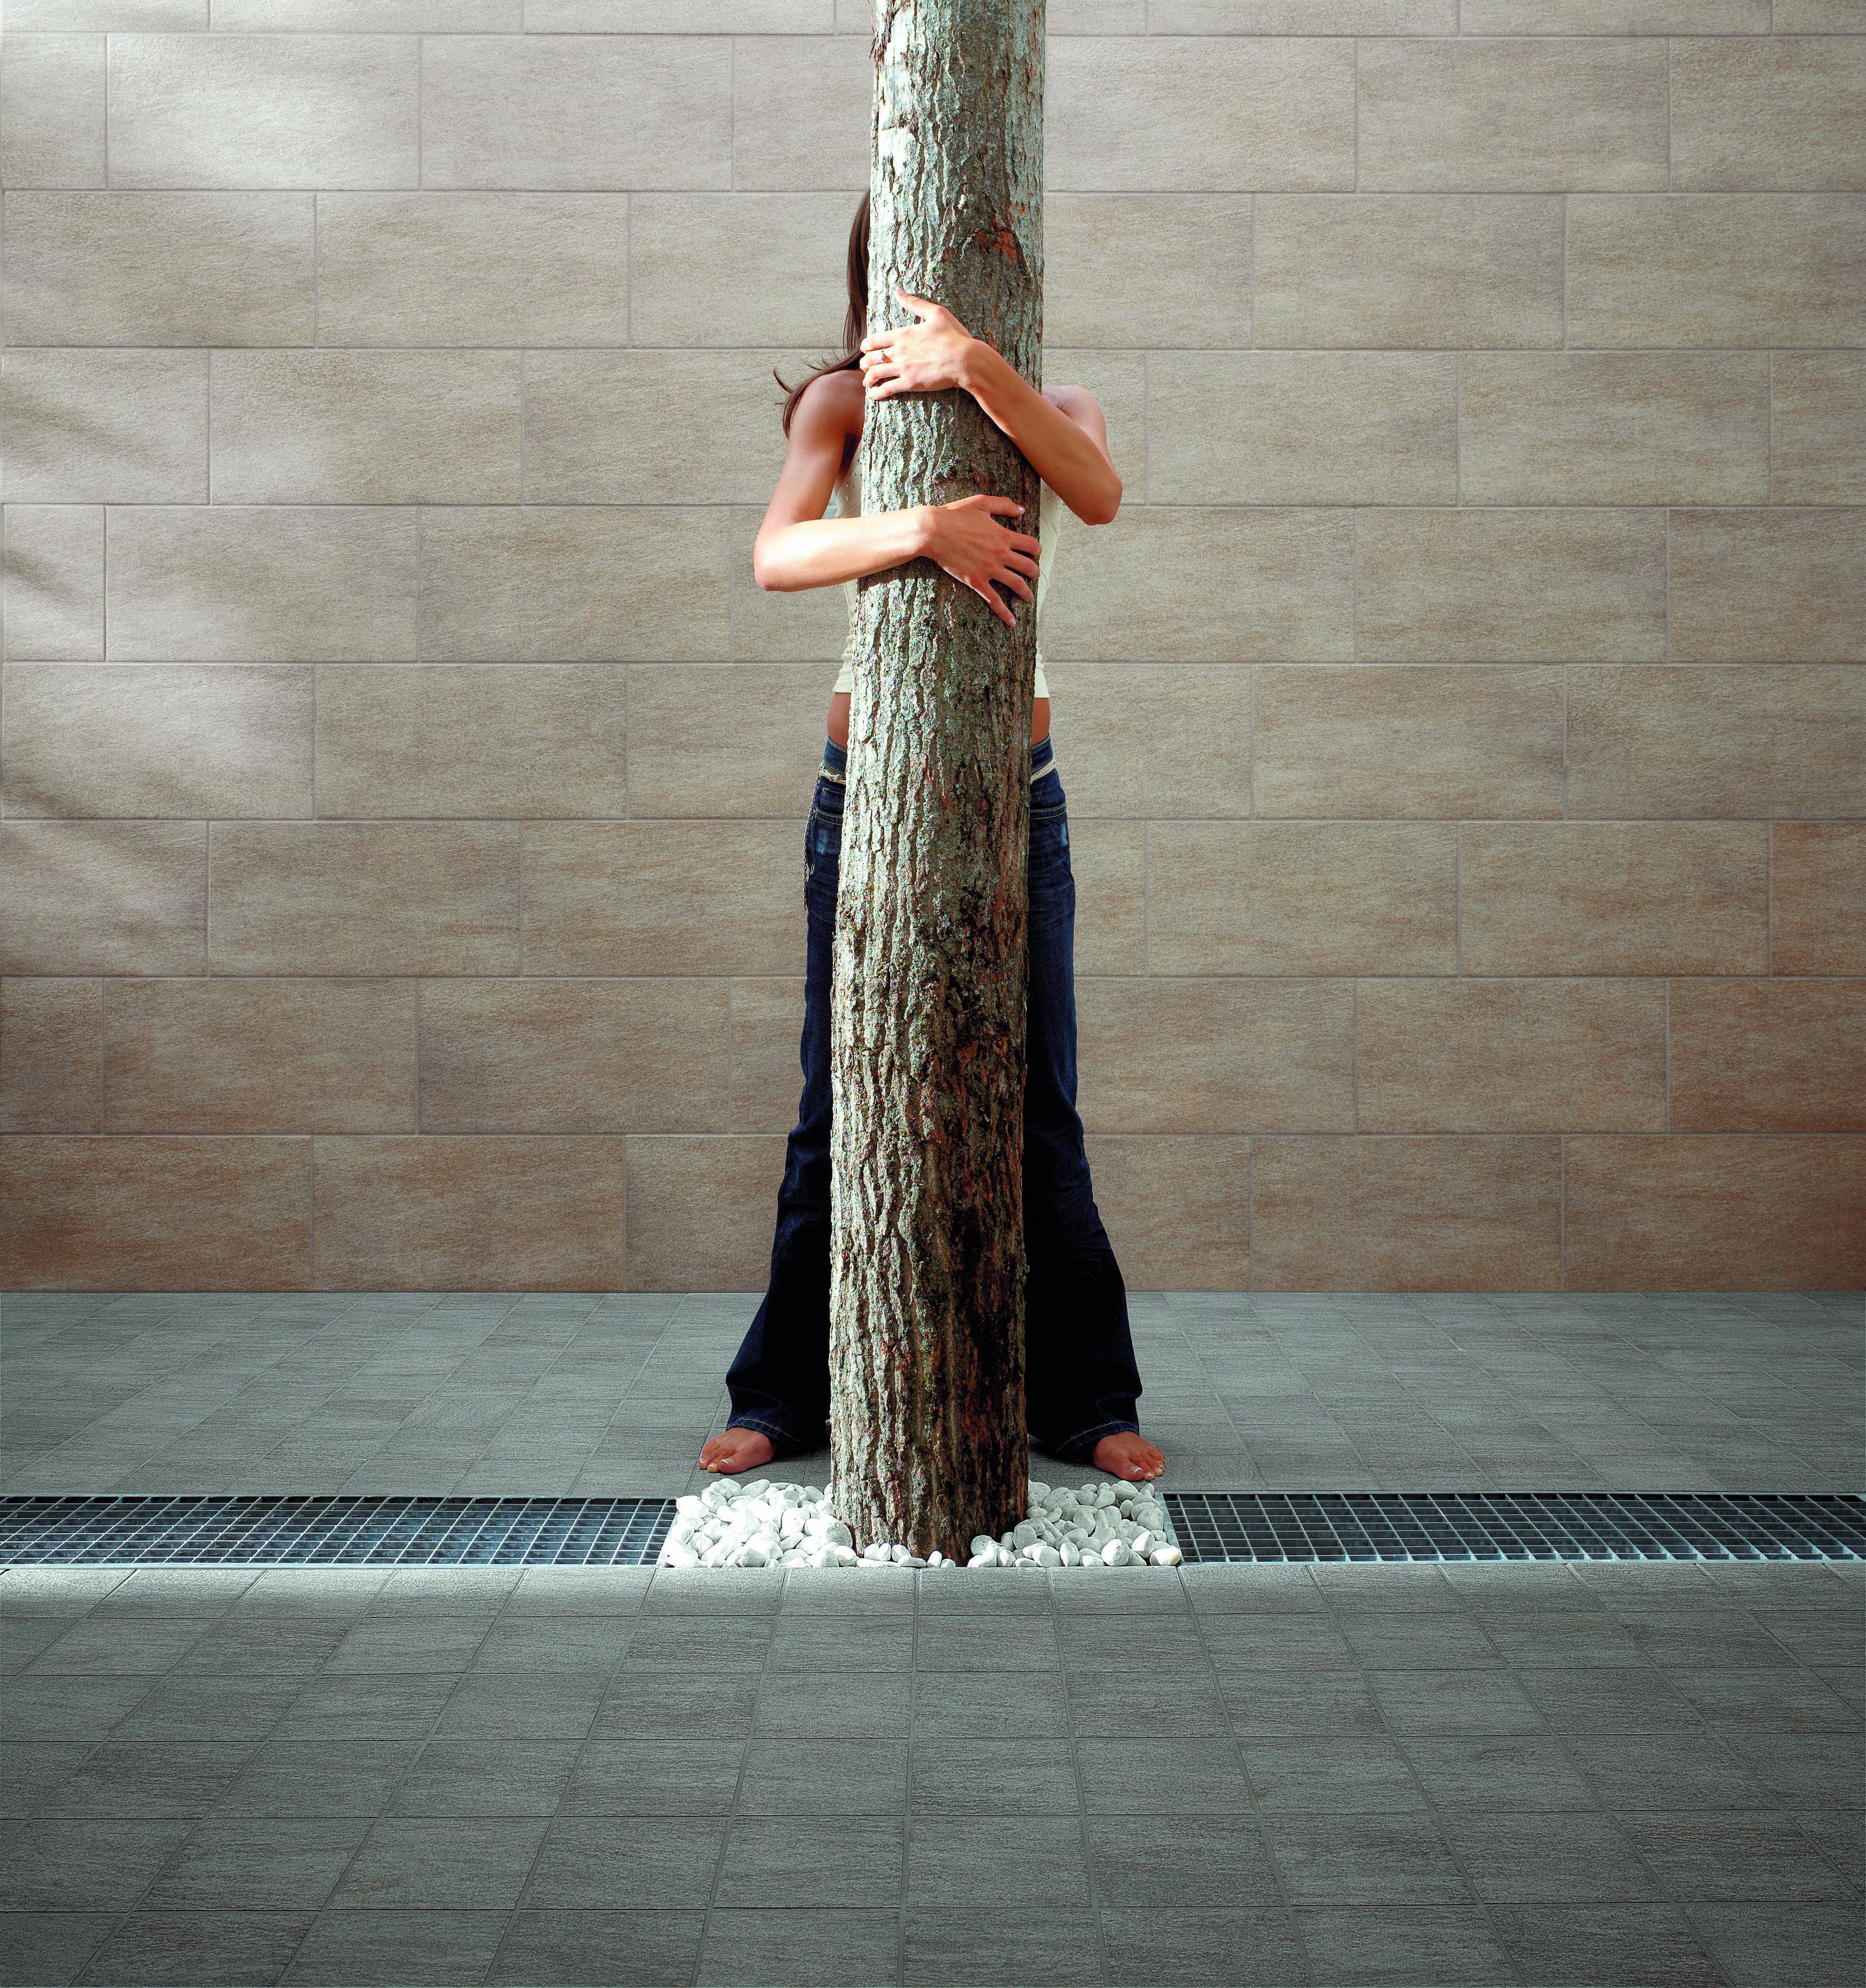 You è una collezione di piastrelle per pavimenti esterni, antiscivolo, con coefficiente di attrito R11. Resistenti all'acqua e ingelive, le piastrelle della collezione You sono ideali per pavimentare gli spazi esterni della casa in completa sicurezza.  http://www.supergres.com/your-home/pavimenti/item/85-you  #gres #EffettoPietra #Outdoor #StoneEffect #CeramicsOfItlay